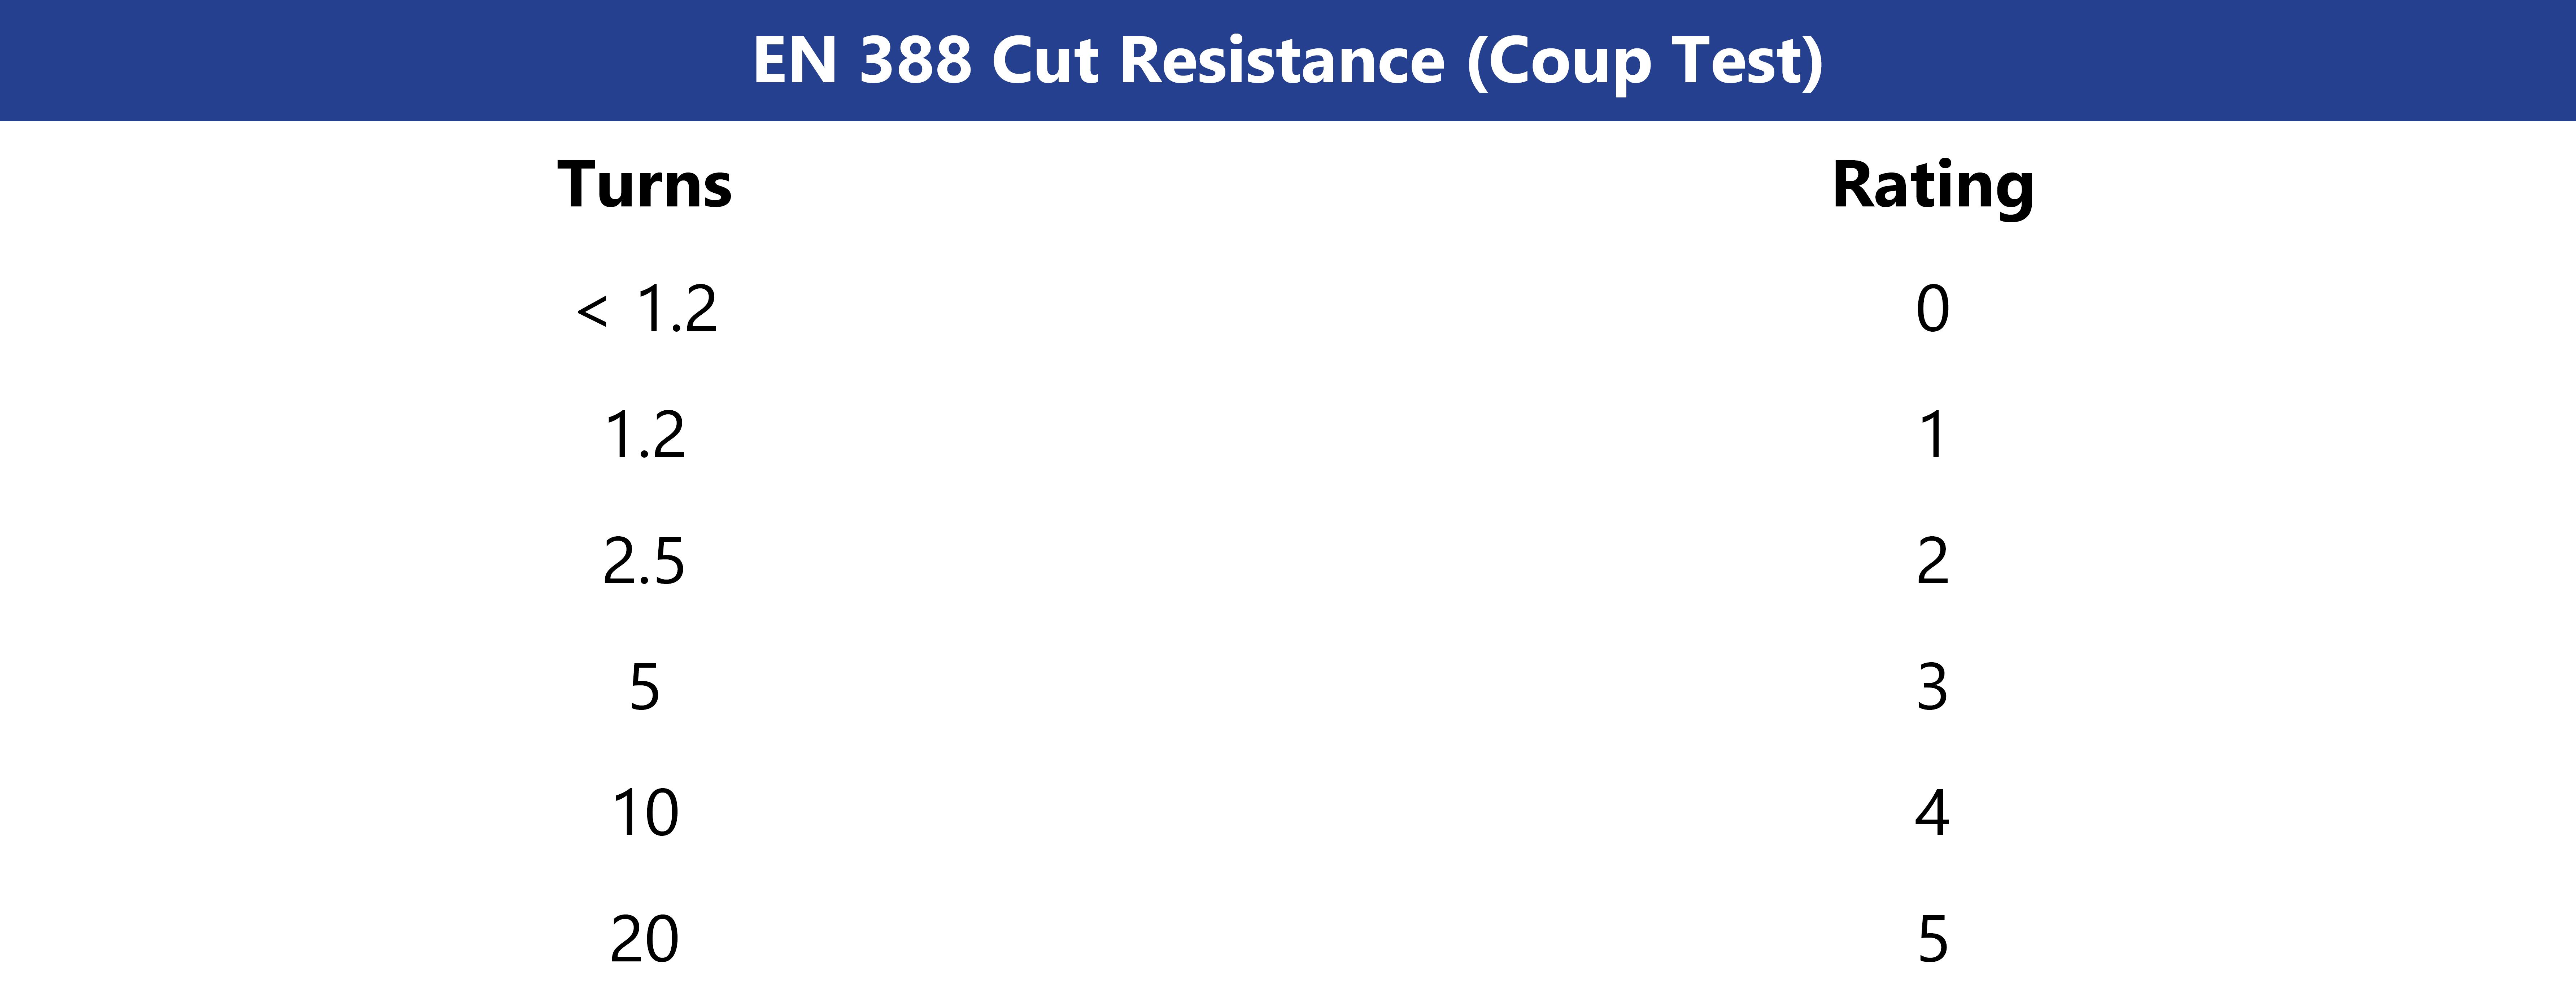 EN 388 Abrasion Testing Scoring